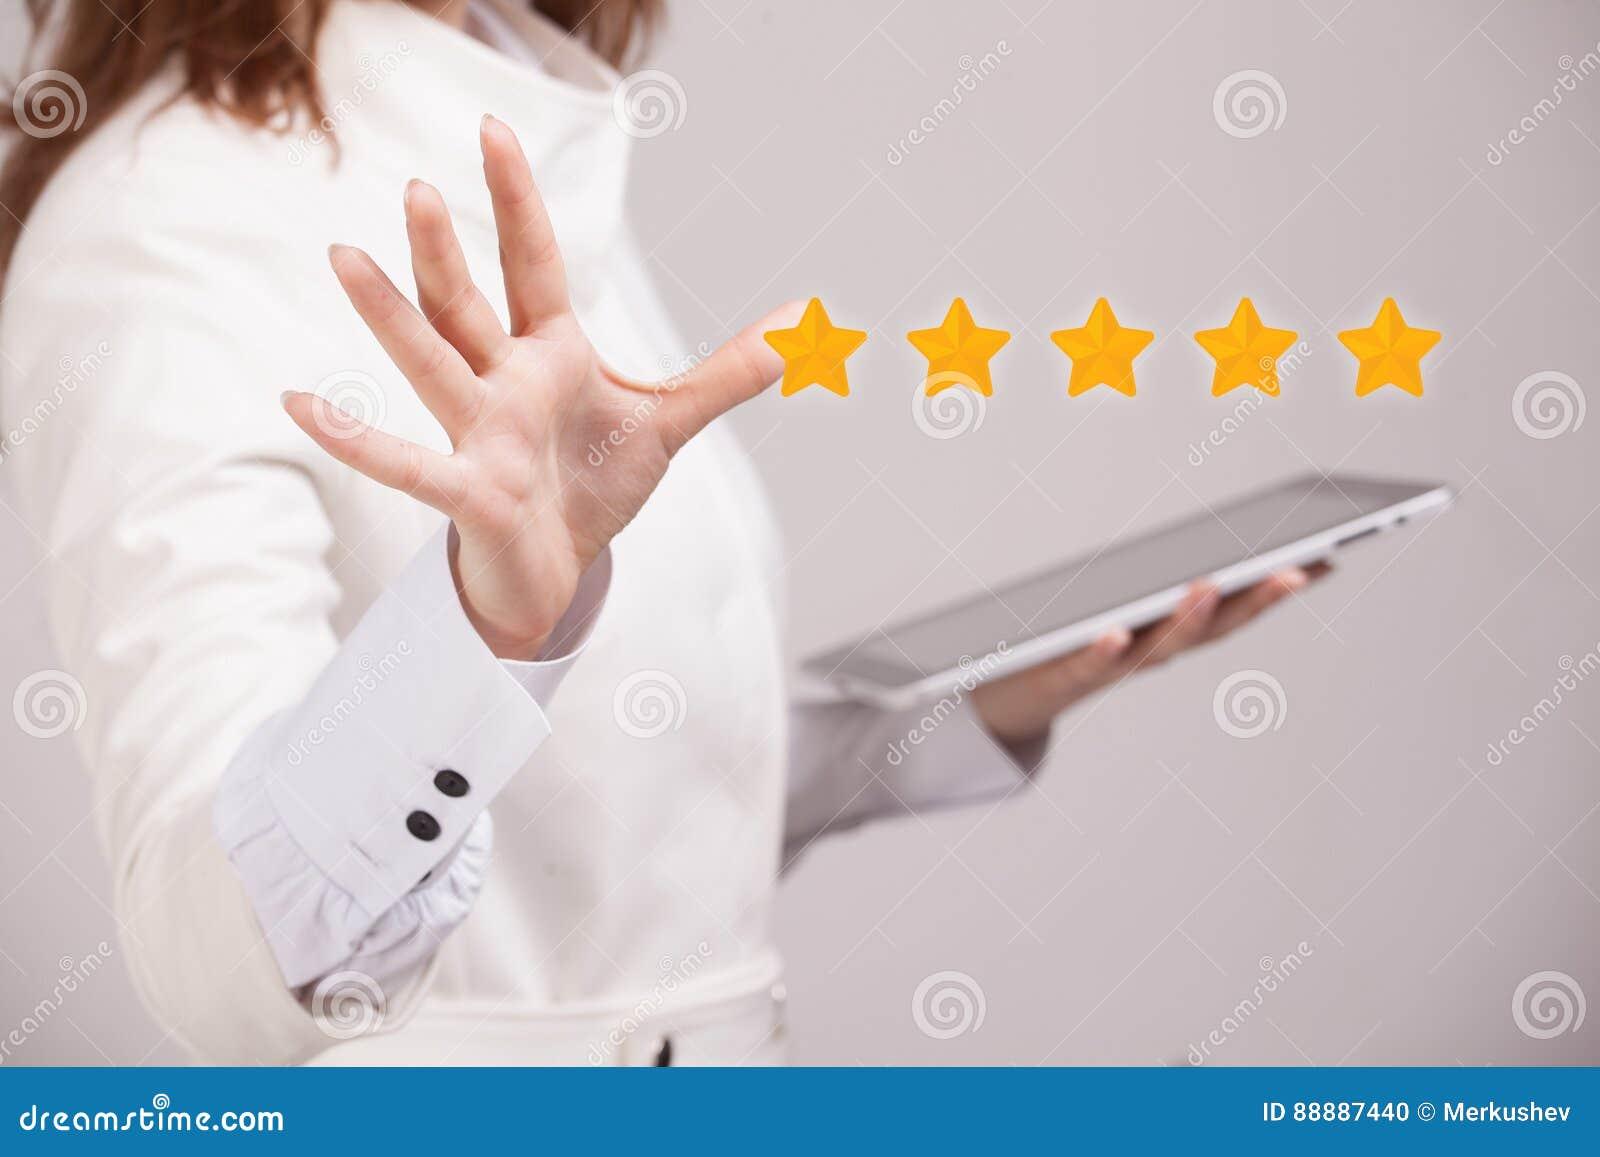 Pięć gwiazdowa ocena lub ranking porównywać z normą pojęcie, Kobieta ocenia usługa, hotel, restauracja